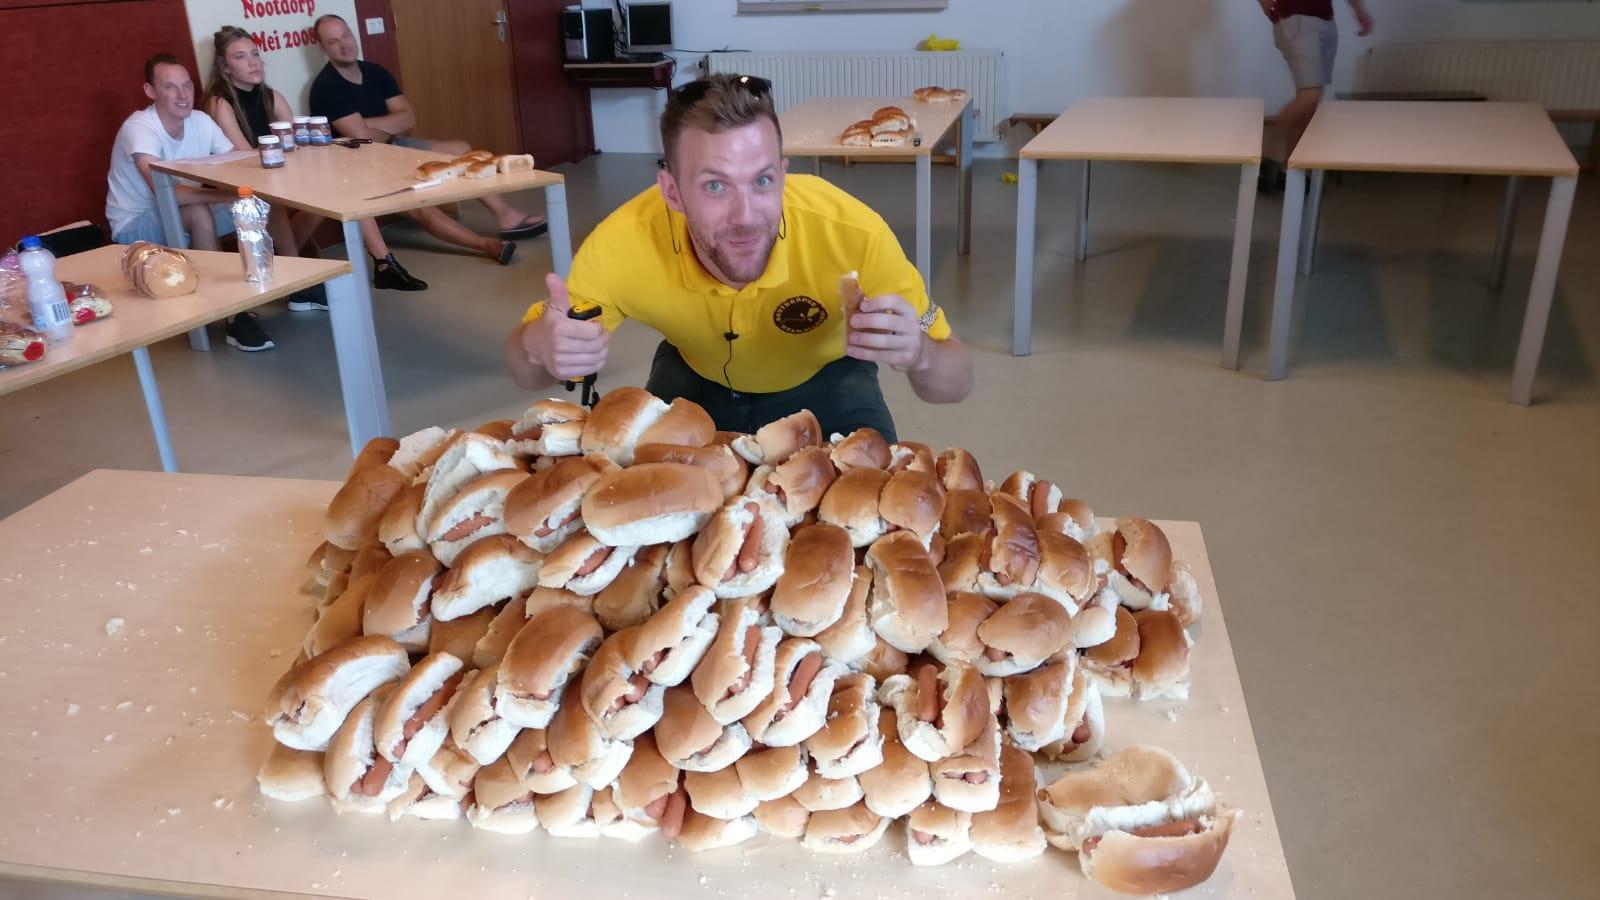 Gesponsorde Broodjes Van Bakkerij 't Stoepje Op Vrijdag.